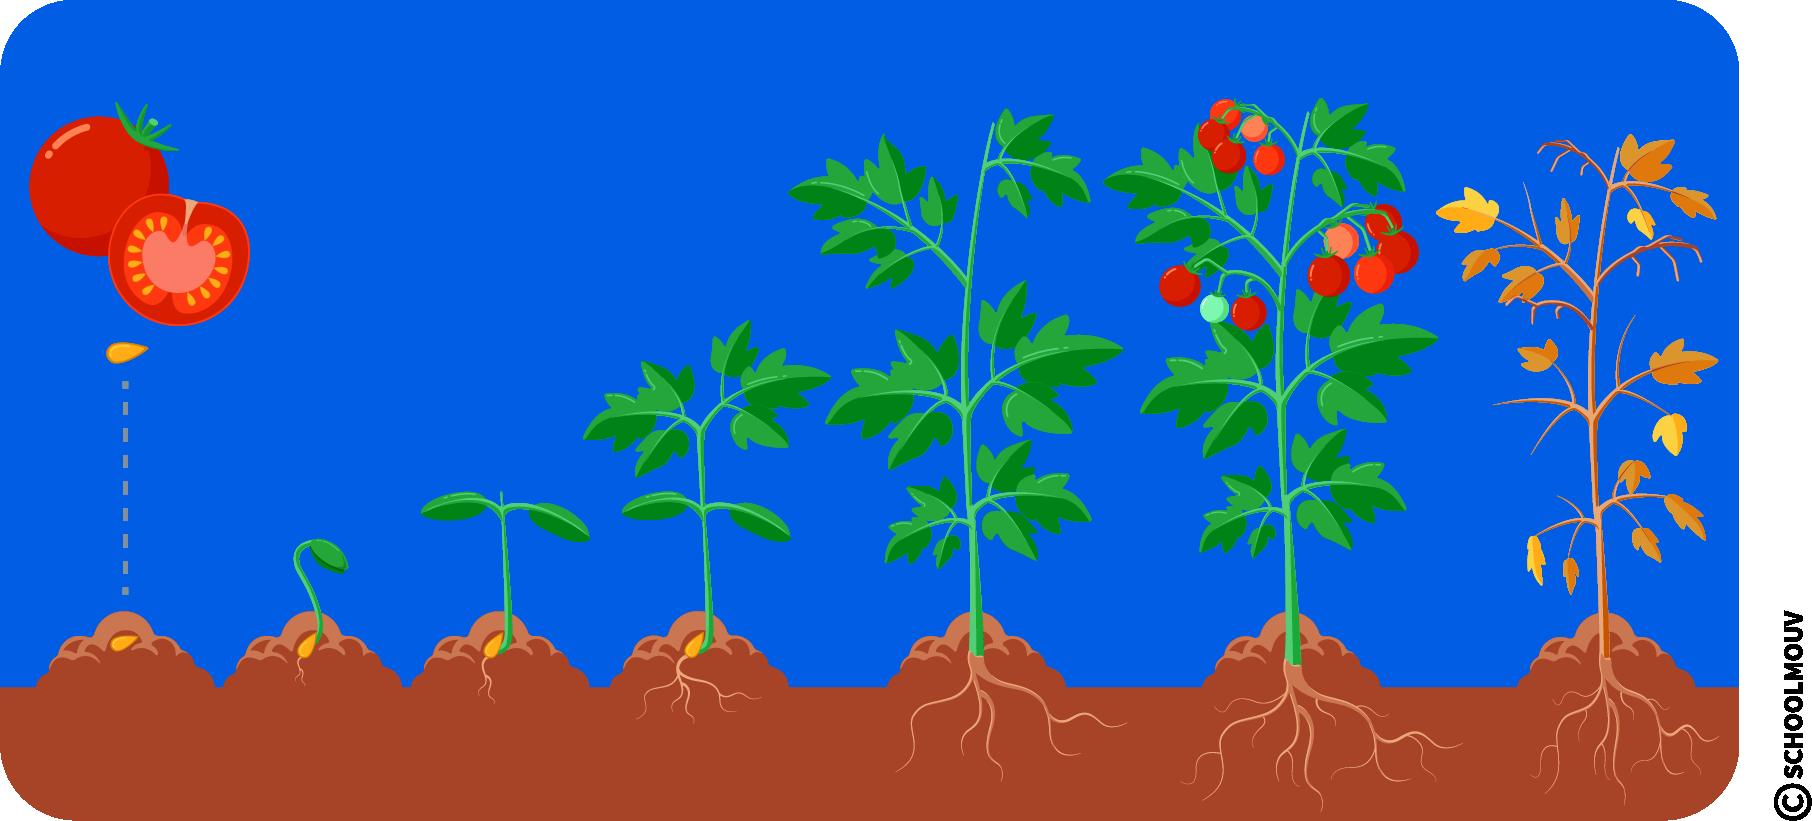 Cycle de la vie - Plante - Fruit - Graine - Pousse - Feuilles - Racines - SchoolMouv - Sciences - CP